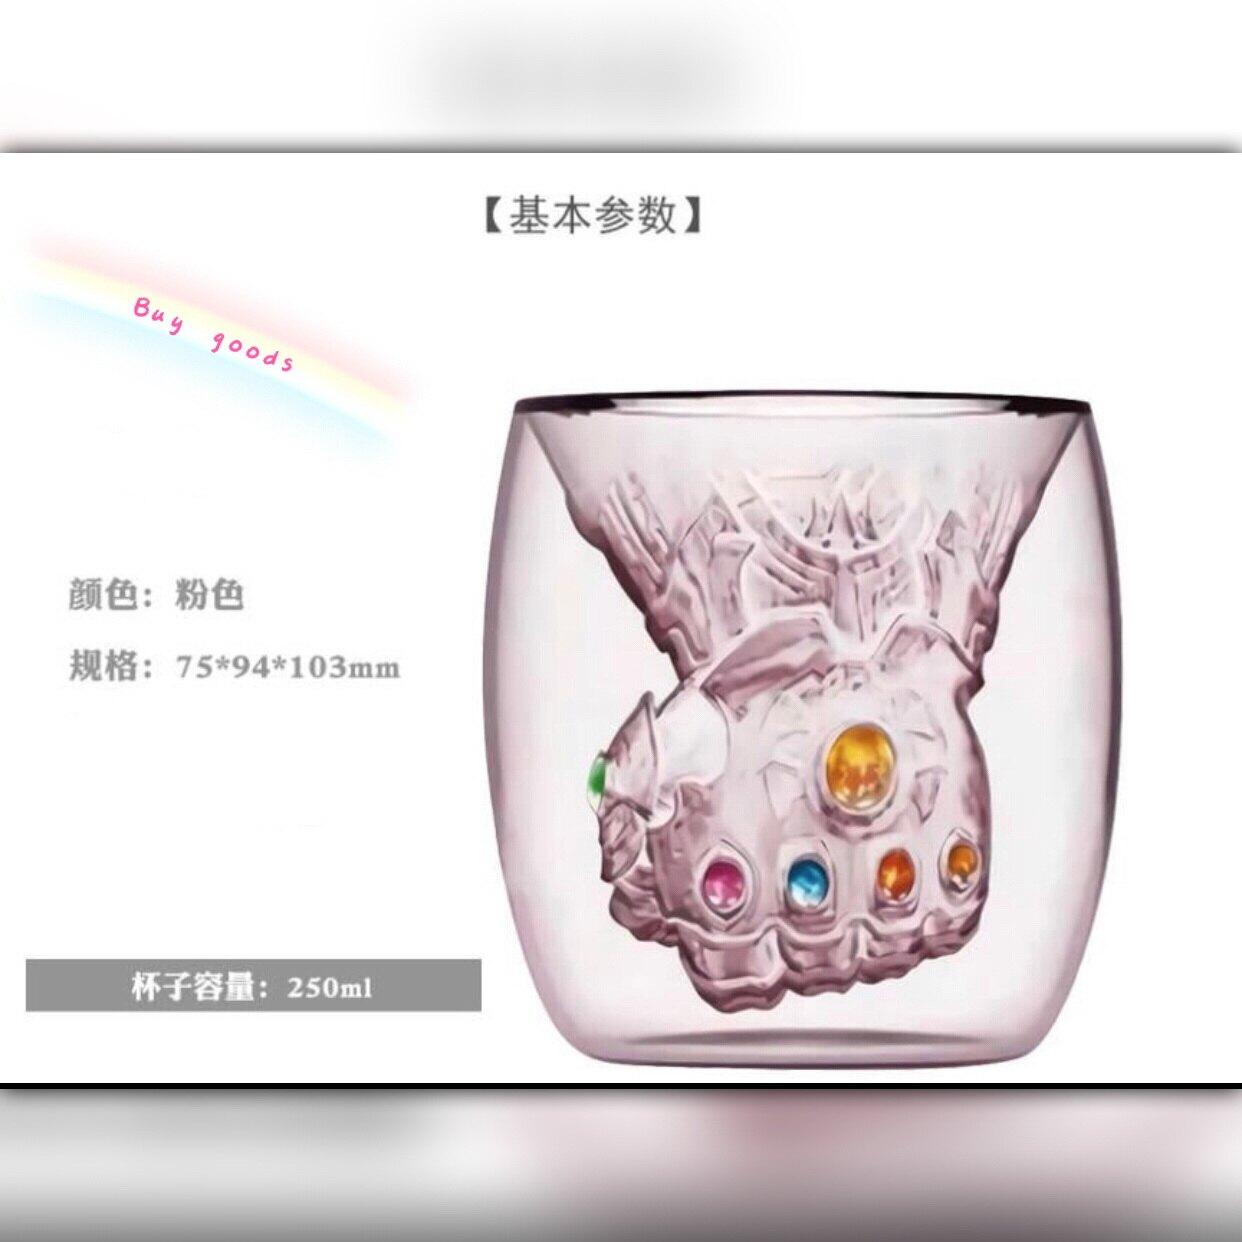 雷神索爾 復仇者 雙層杯 玻璃杯 造型玻璃杯 /漫威系列/復仇者創意商品 無限手套